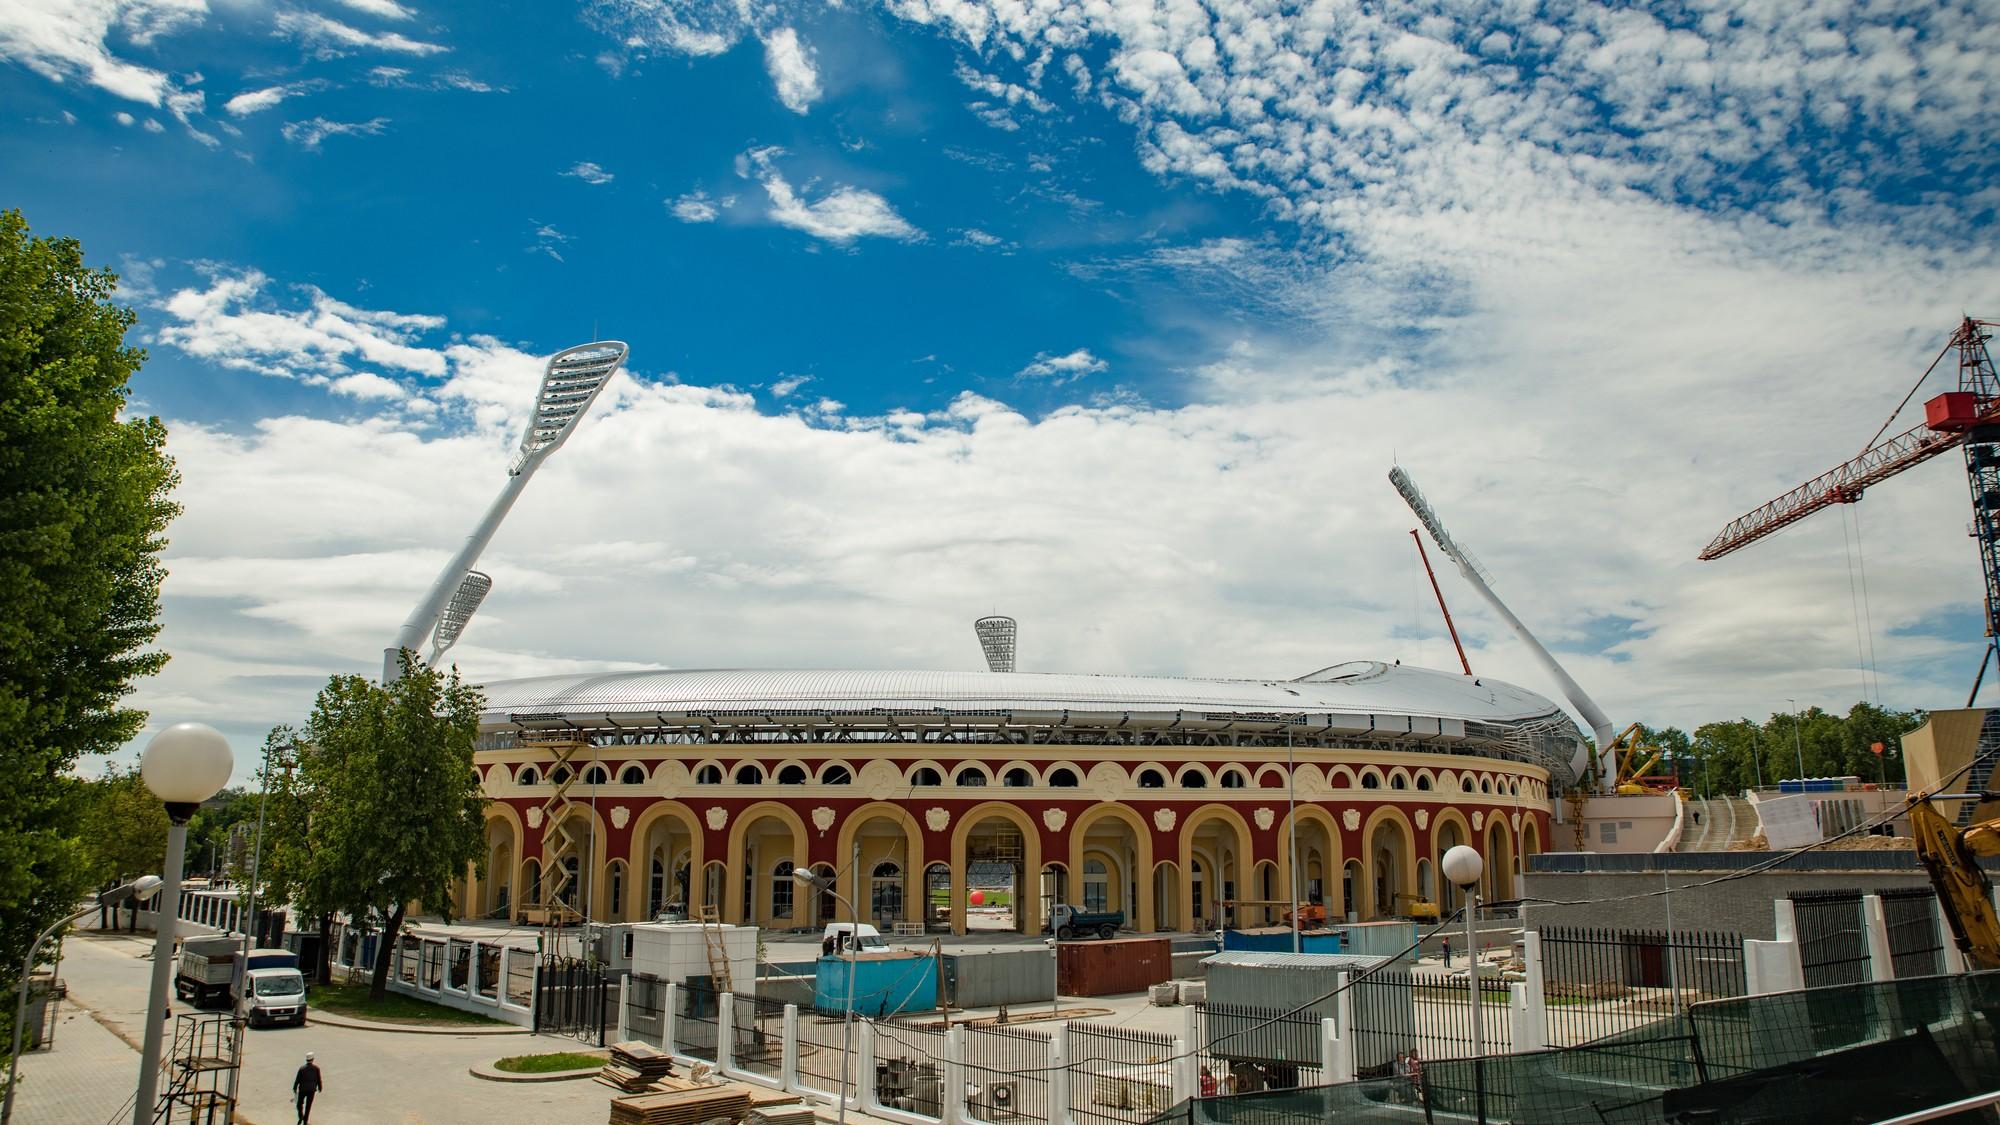 Stadion Alimpijski